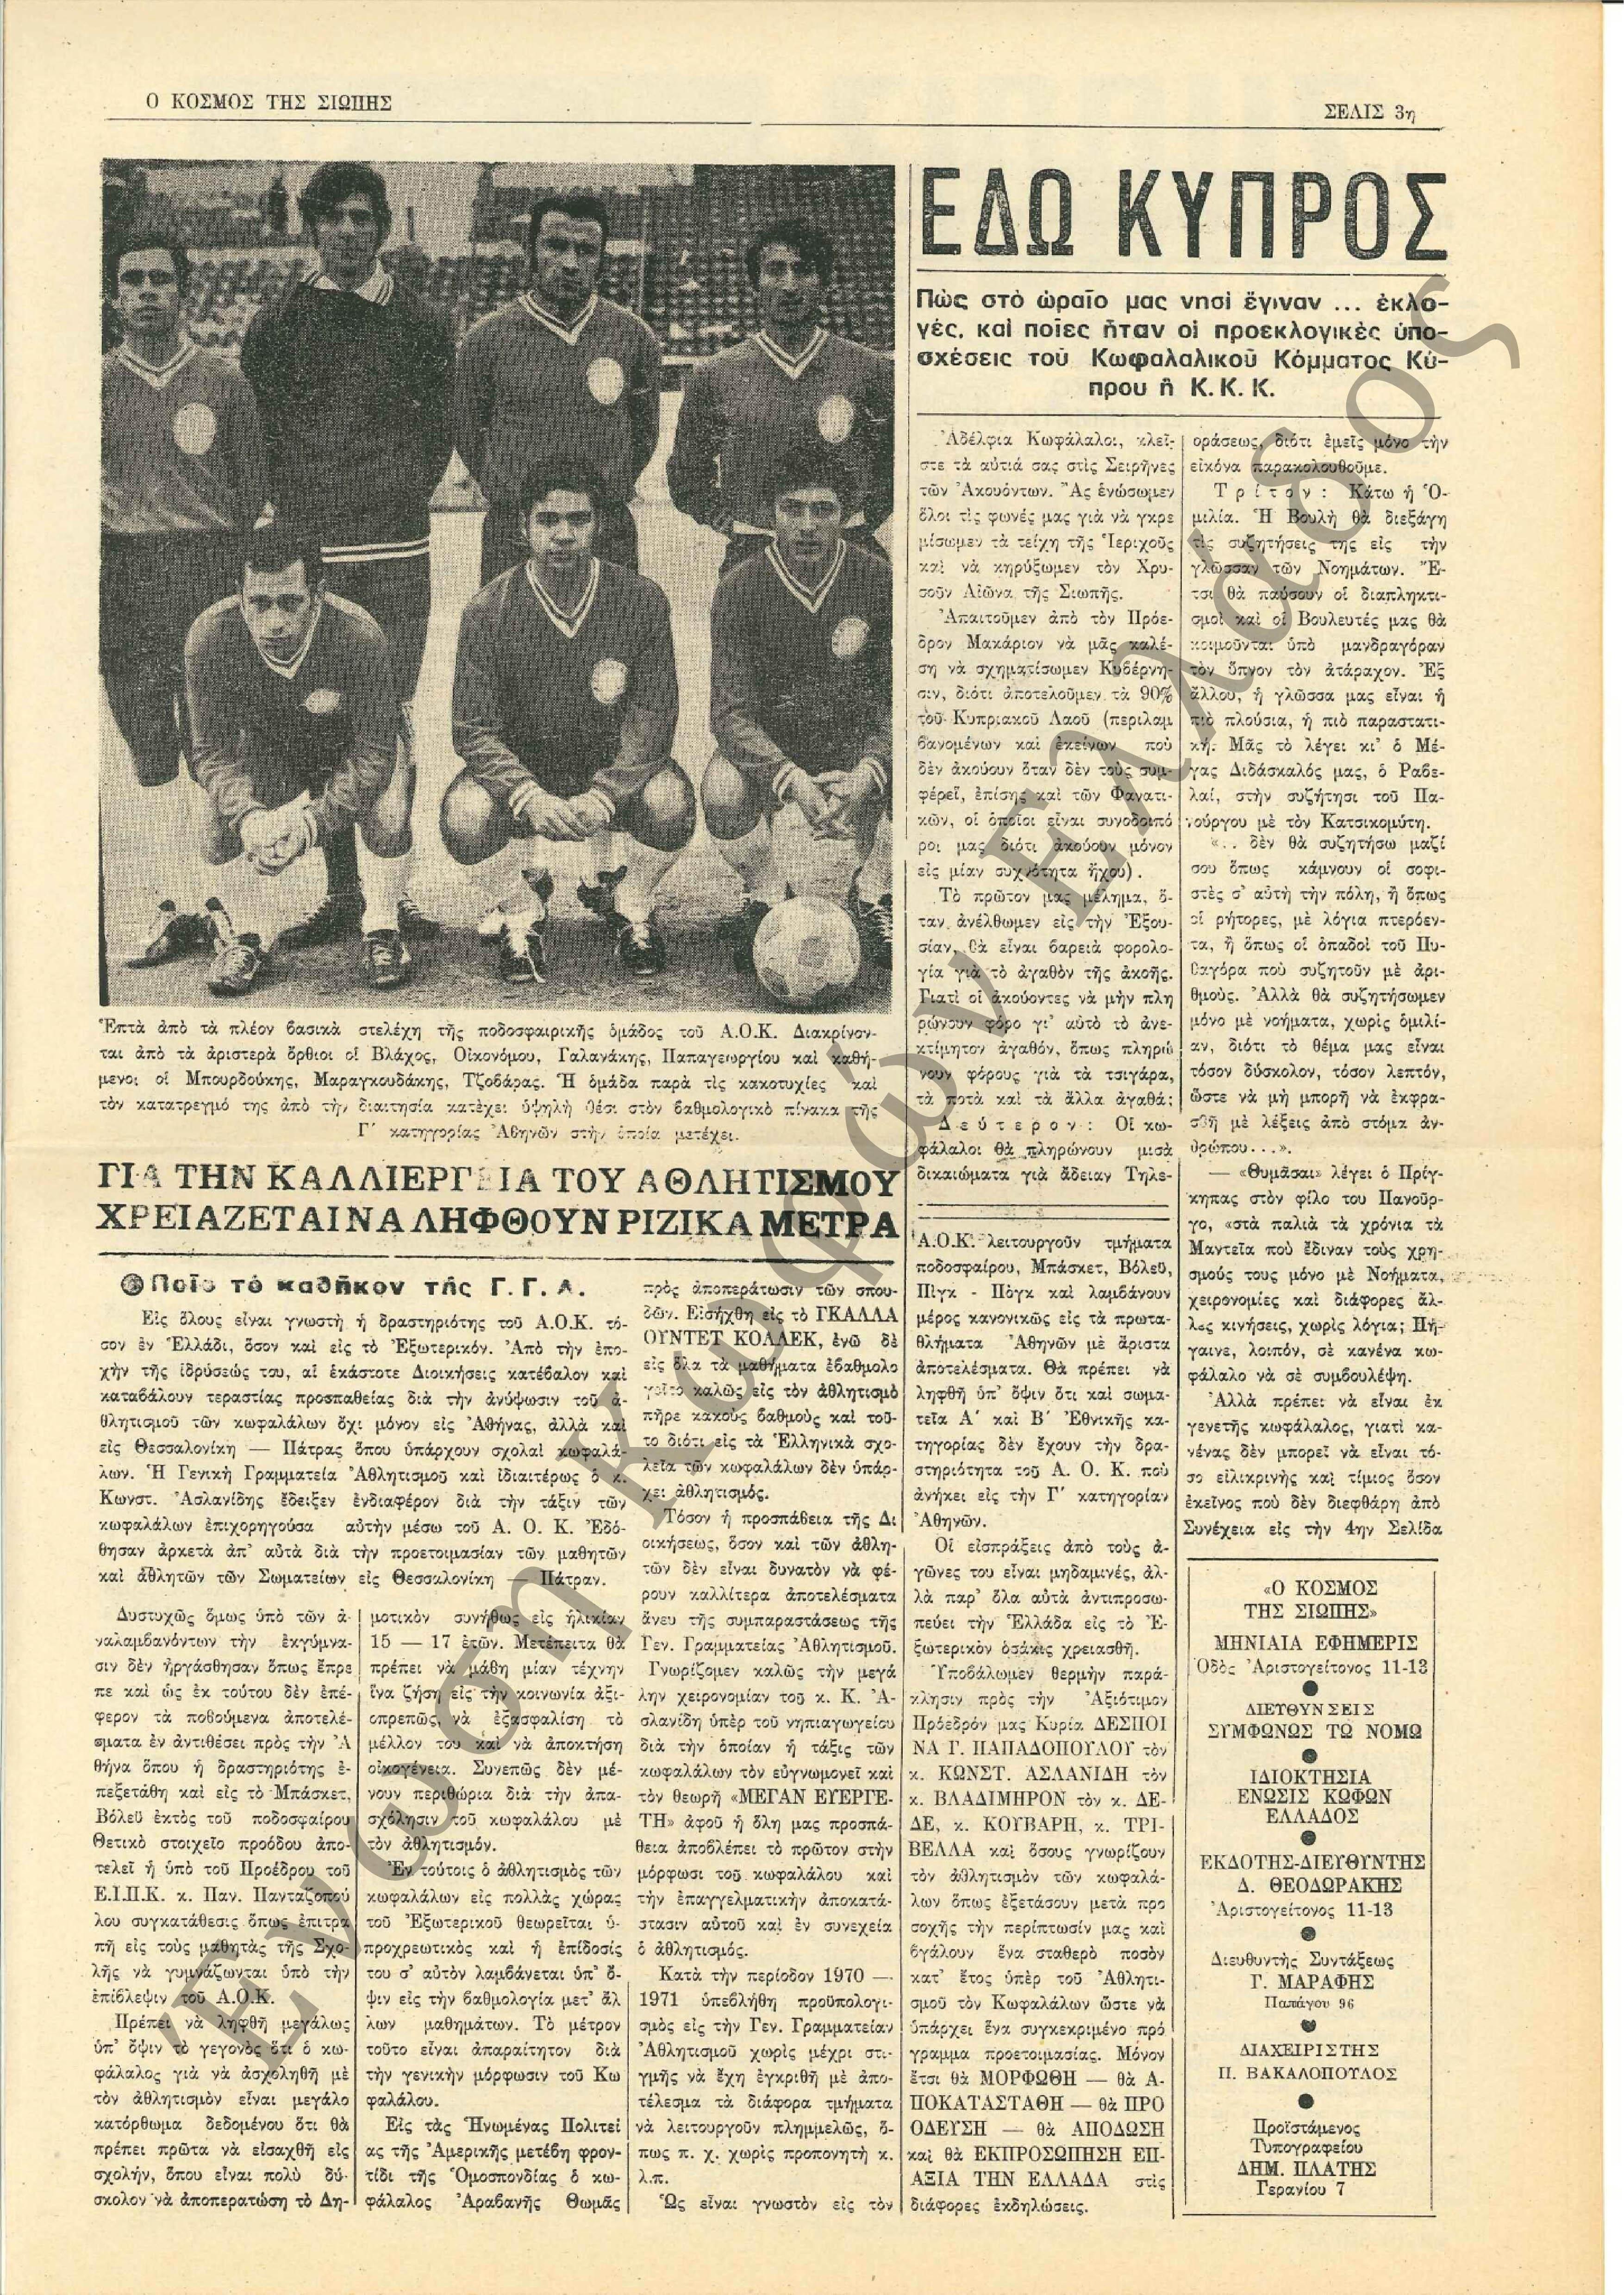 Ο Κόσμος της Σιωπής 1971-Απρίλιος 3